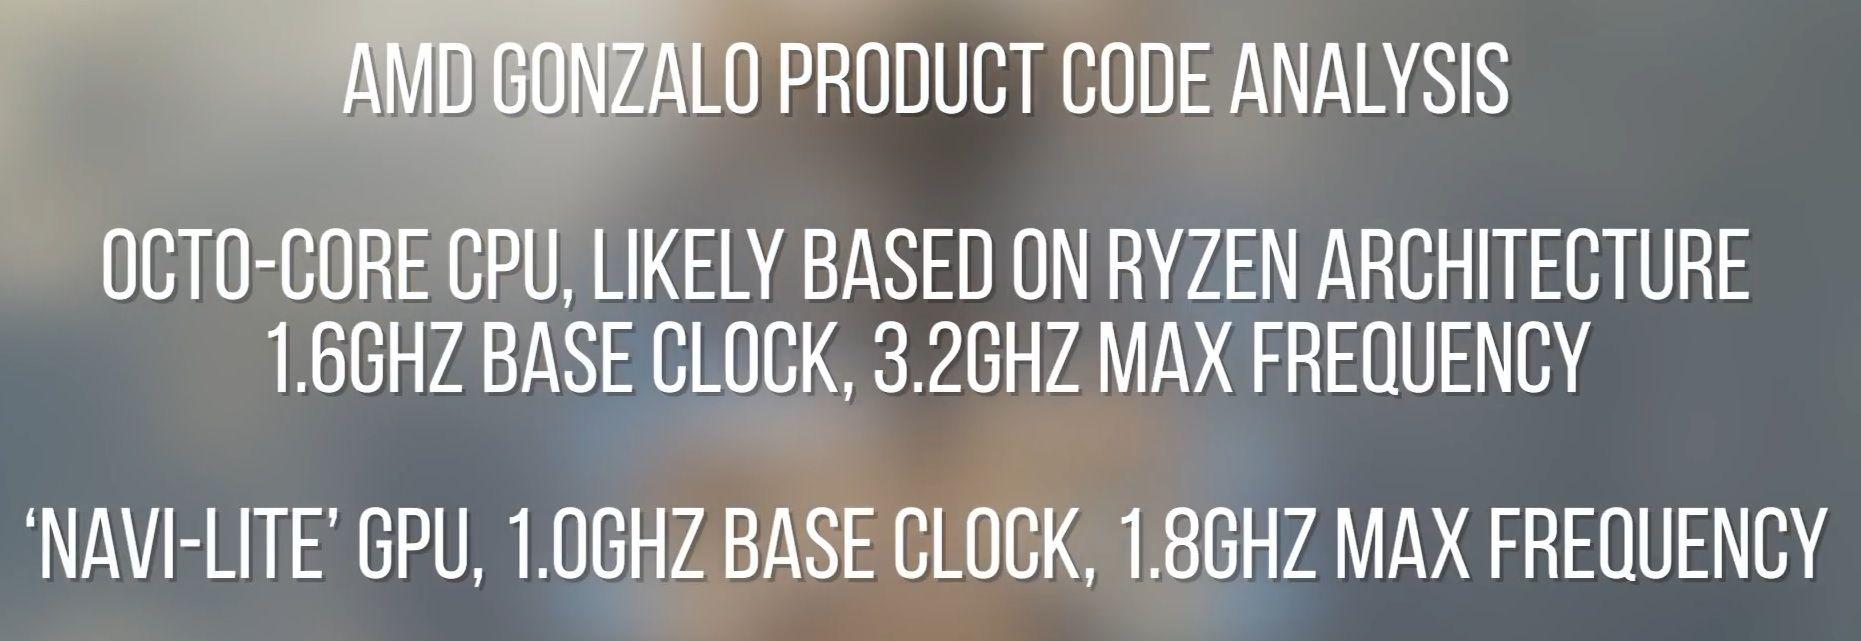 AMD Gonzalo CPU GPU